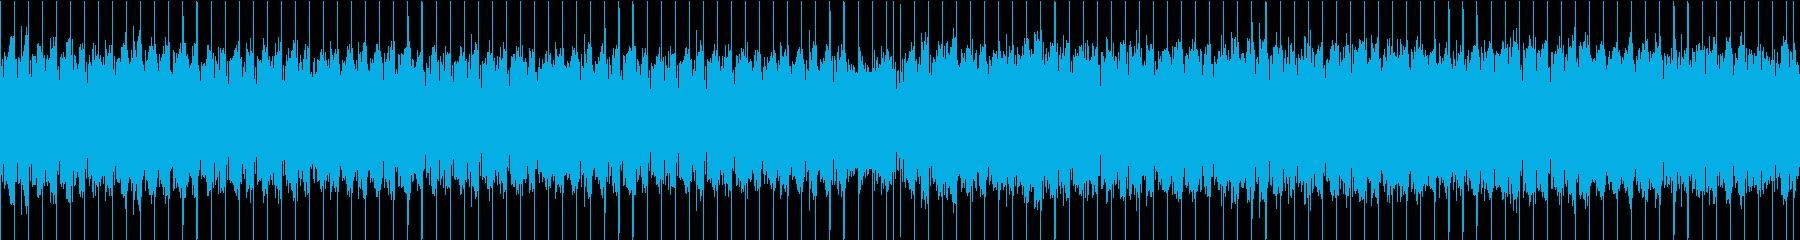 シューティング系BGM・終盤の雰囲気の再生済みの波形